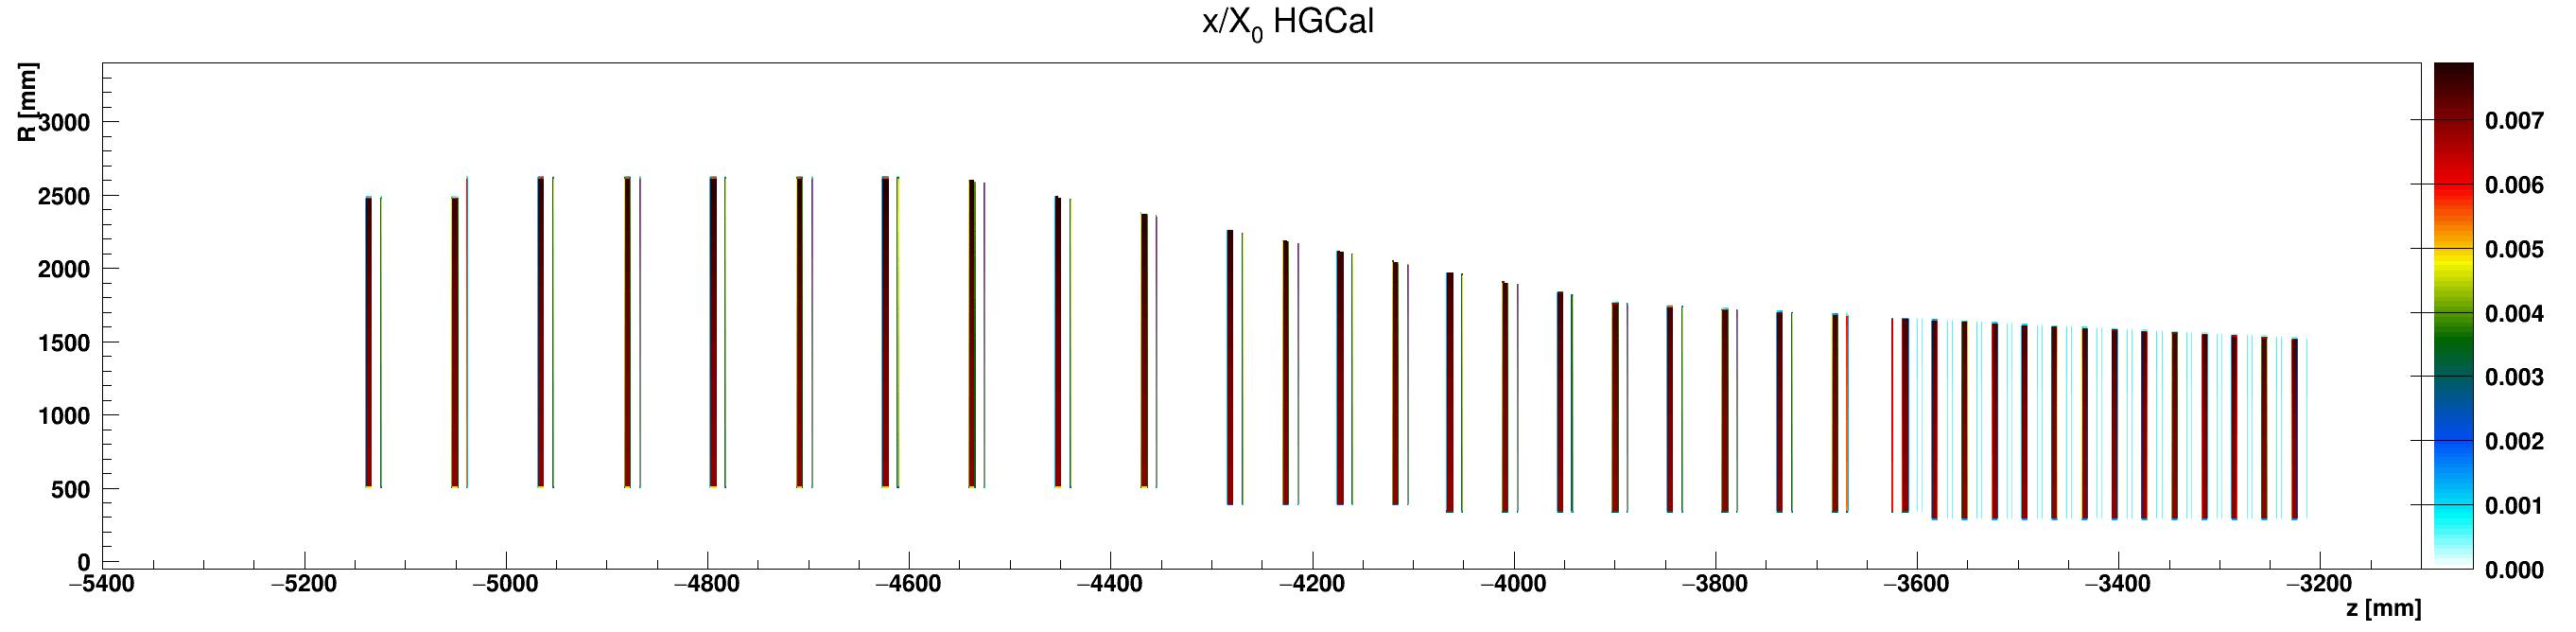 HGCal_x_vs_z_vs_RlocCopper_ZminusZoom.png